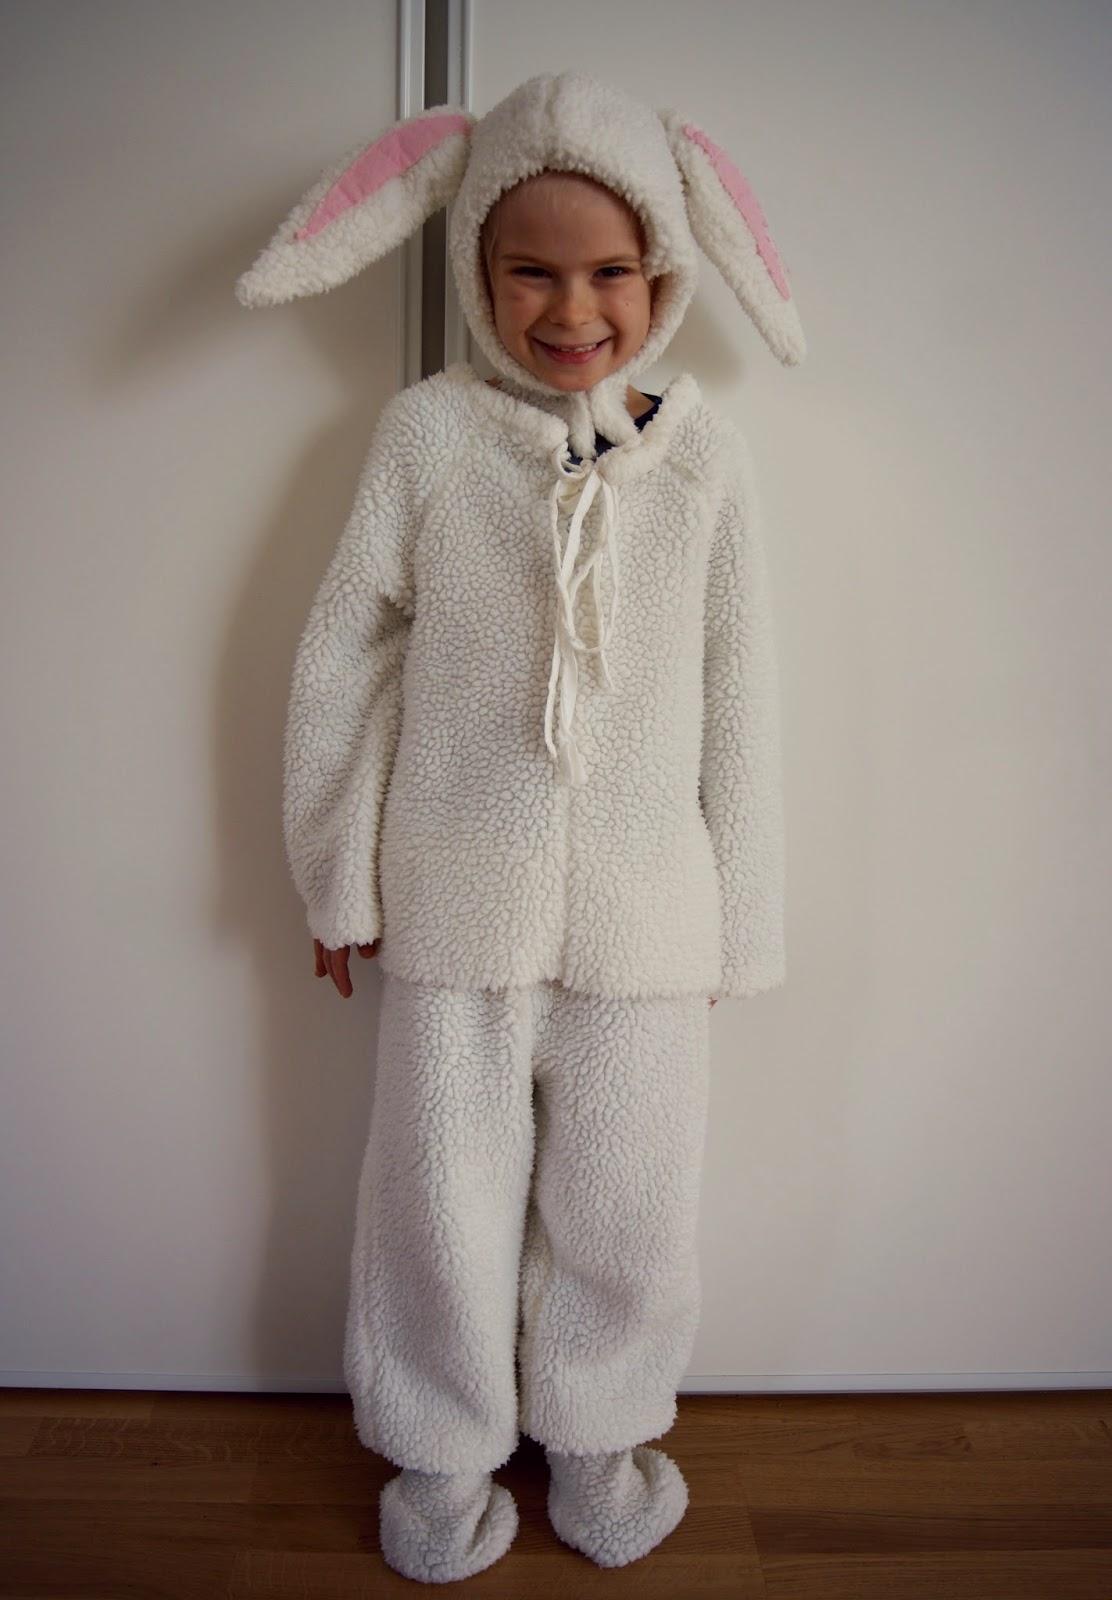 klä ut sig påsk